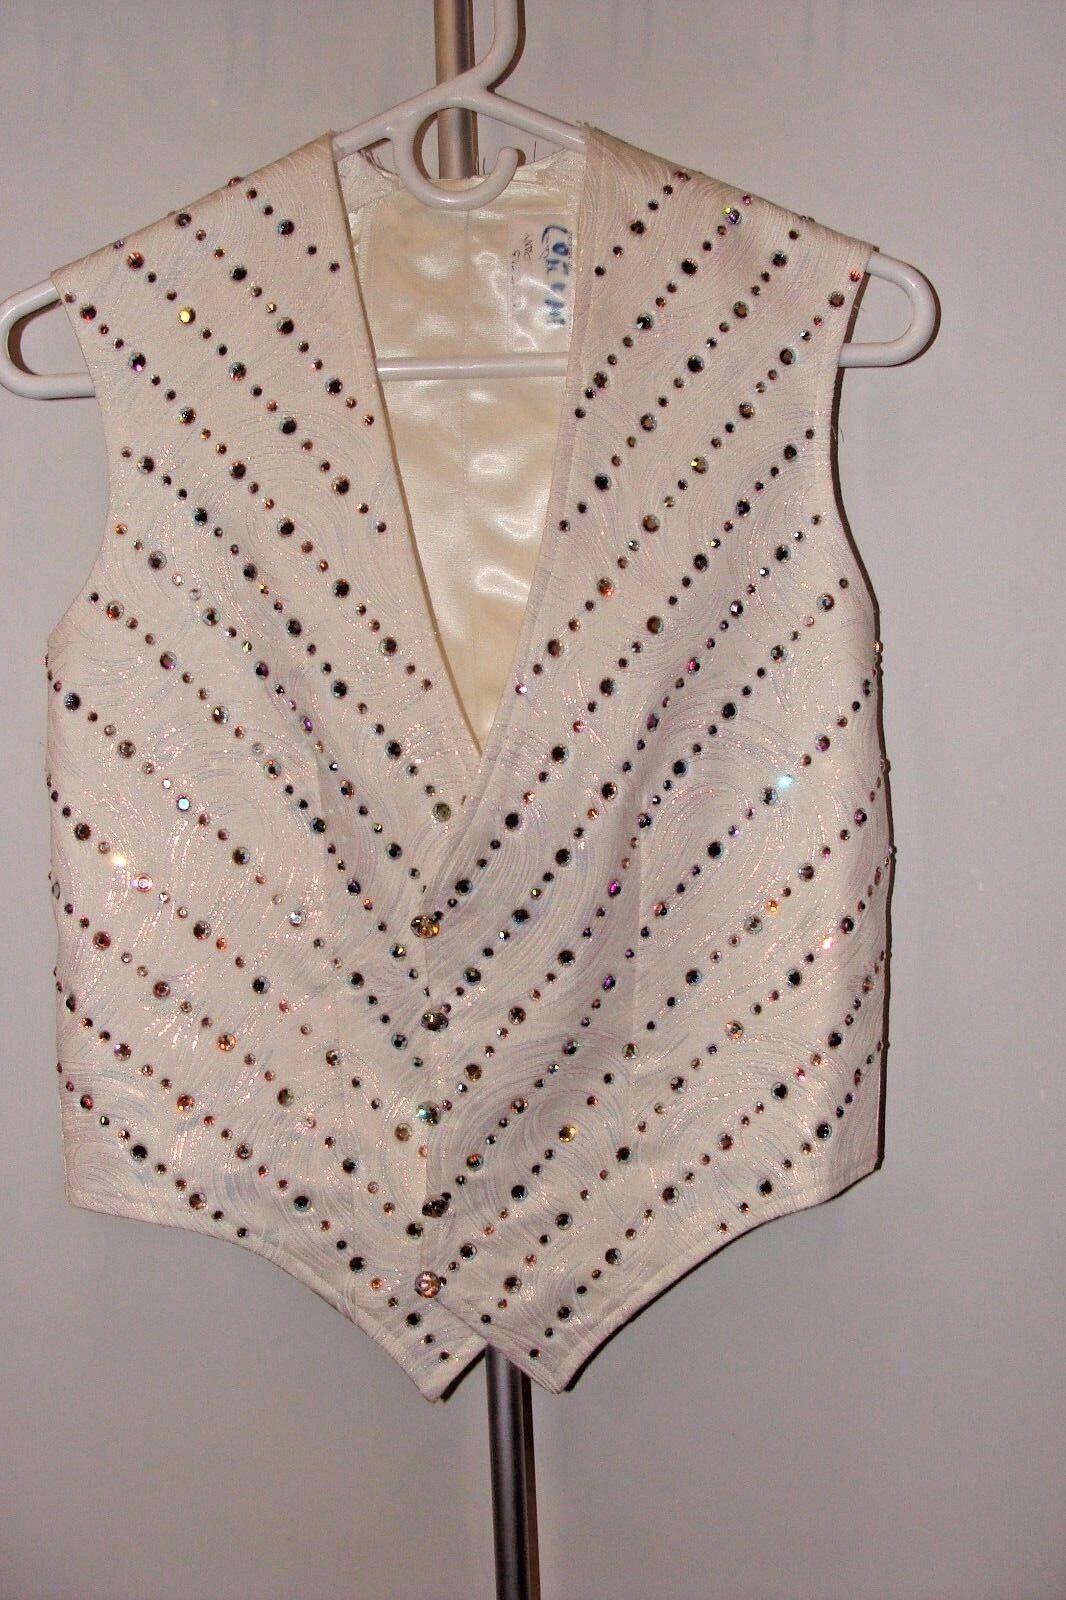 Weiß Silk Button up Vest with Rhinestones prom formal costume dress attire